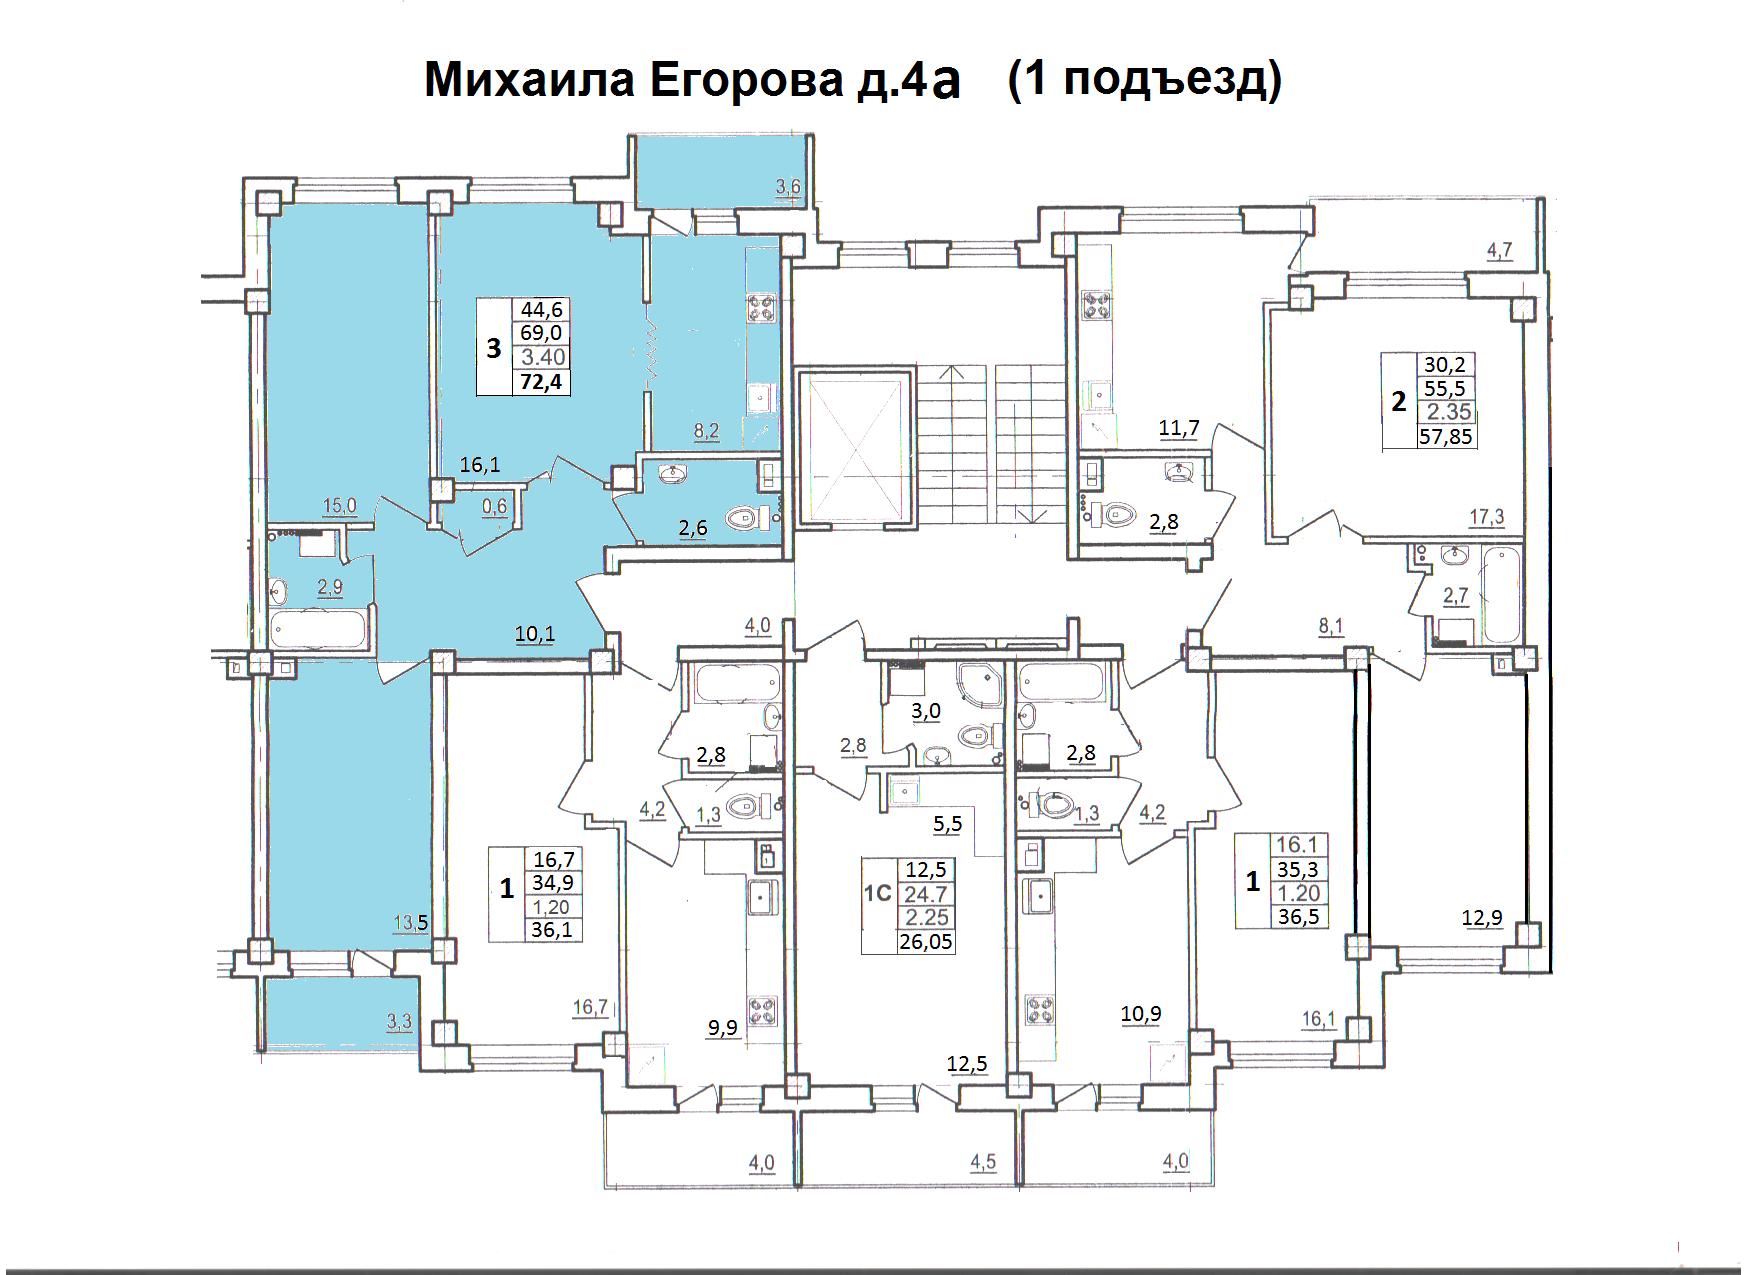 Трехкомнатная квартира, ул.Михаила Егорова, д. 4а, кв. 5